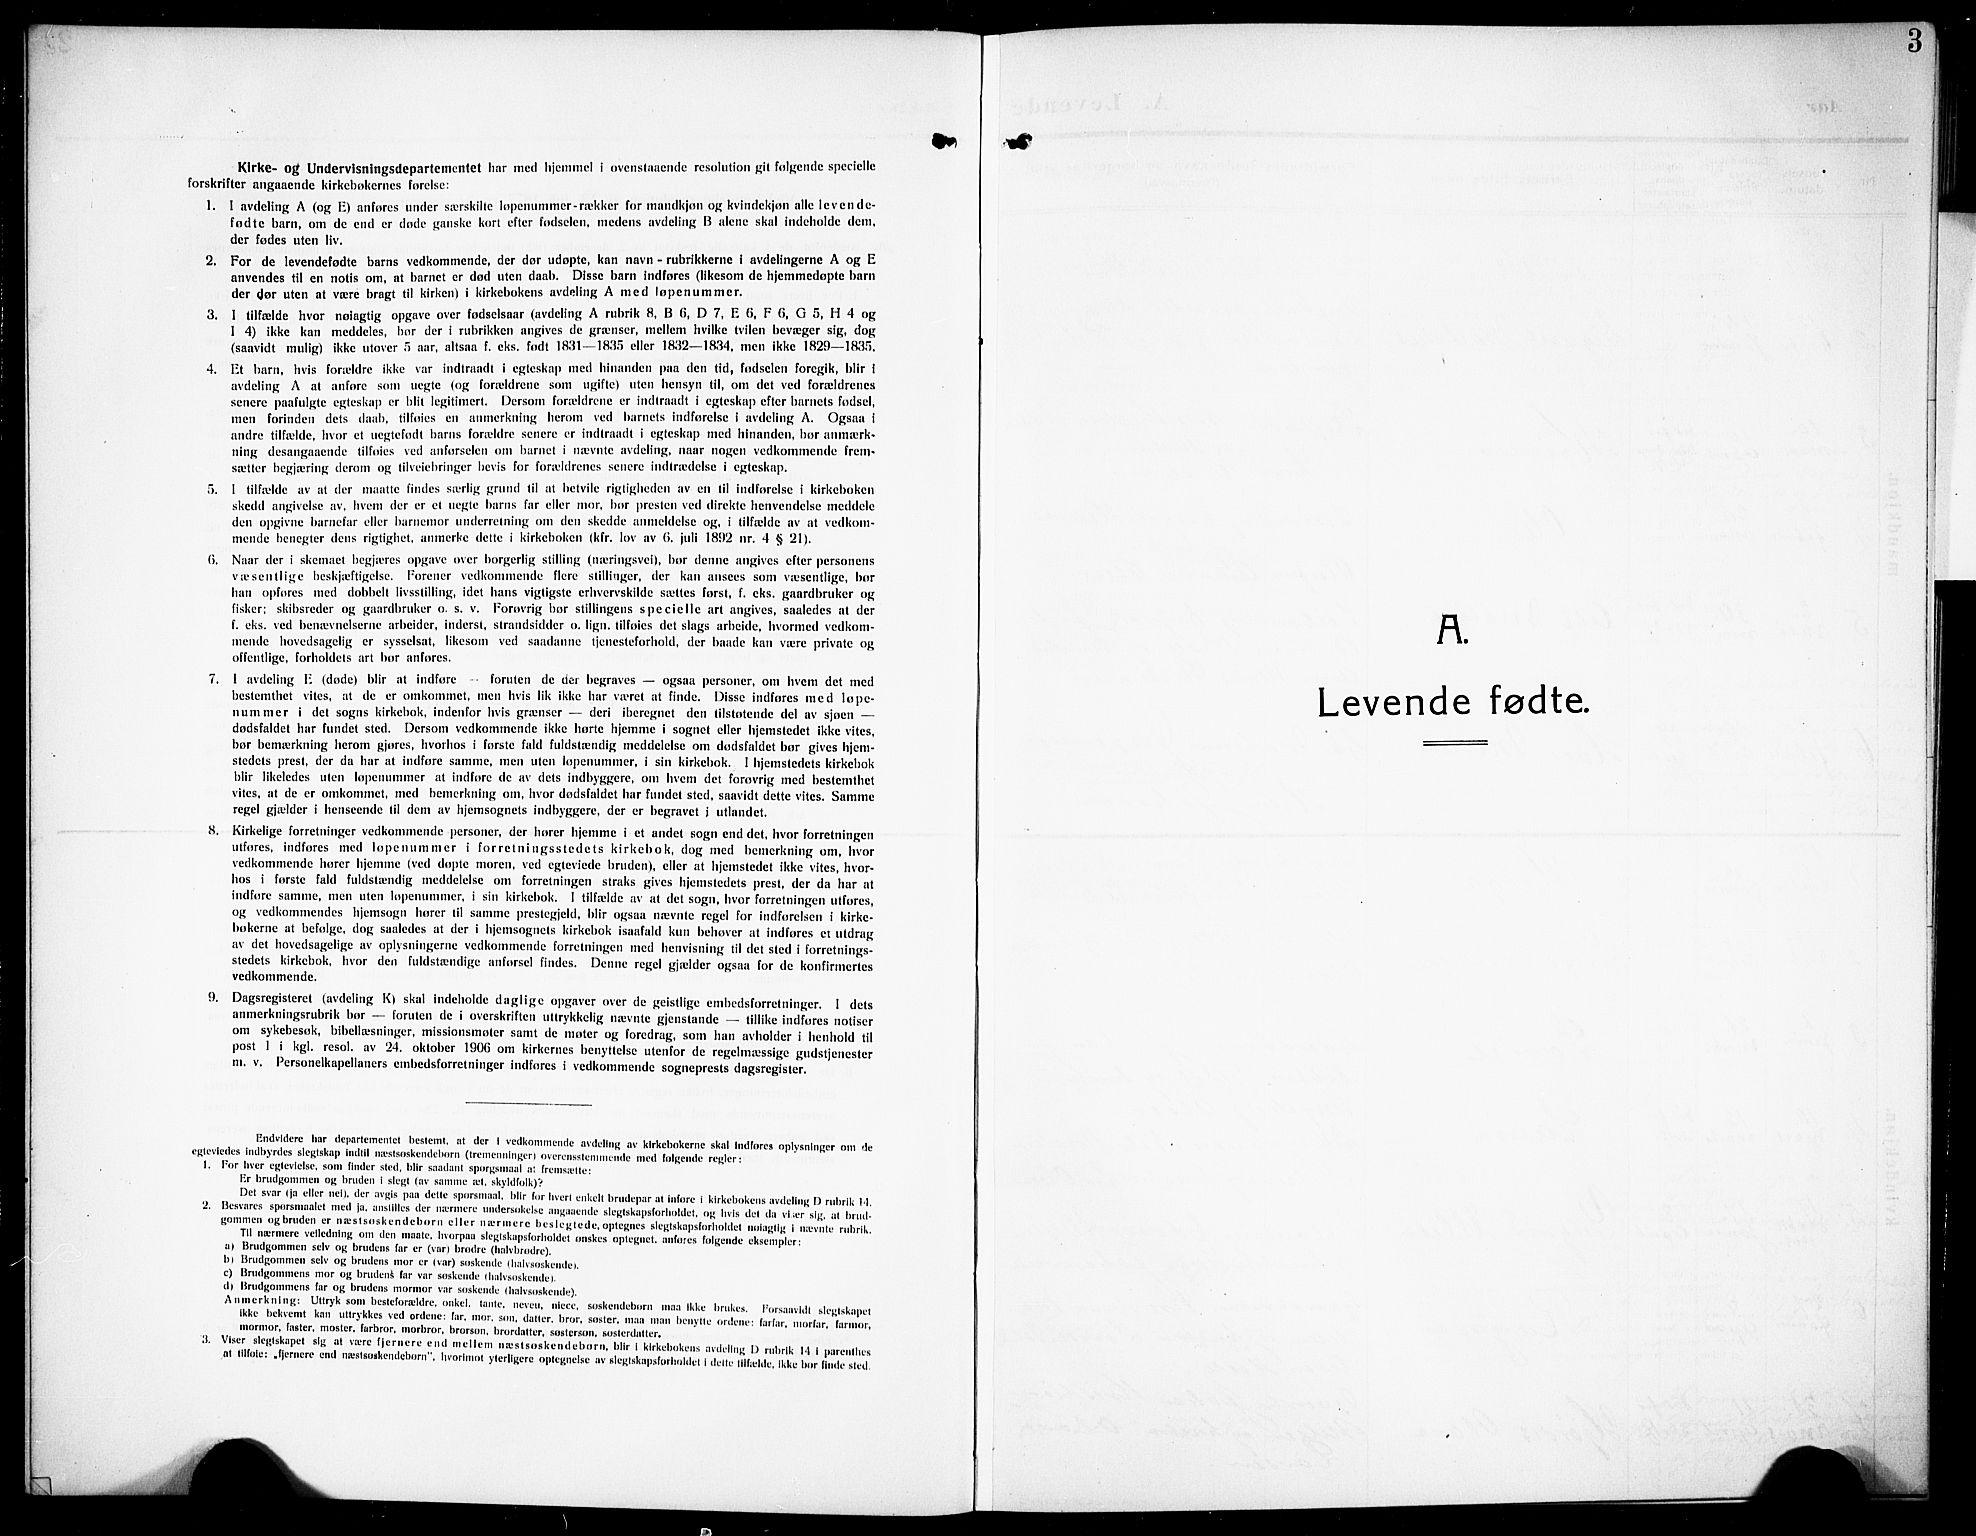 SAKO, Siljan kirkebøker, G/Ga/L0003: Klokkerbok nr. 3, 1909-1927, s. 3